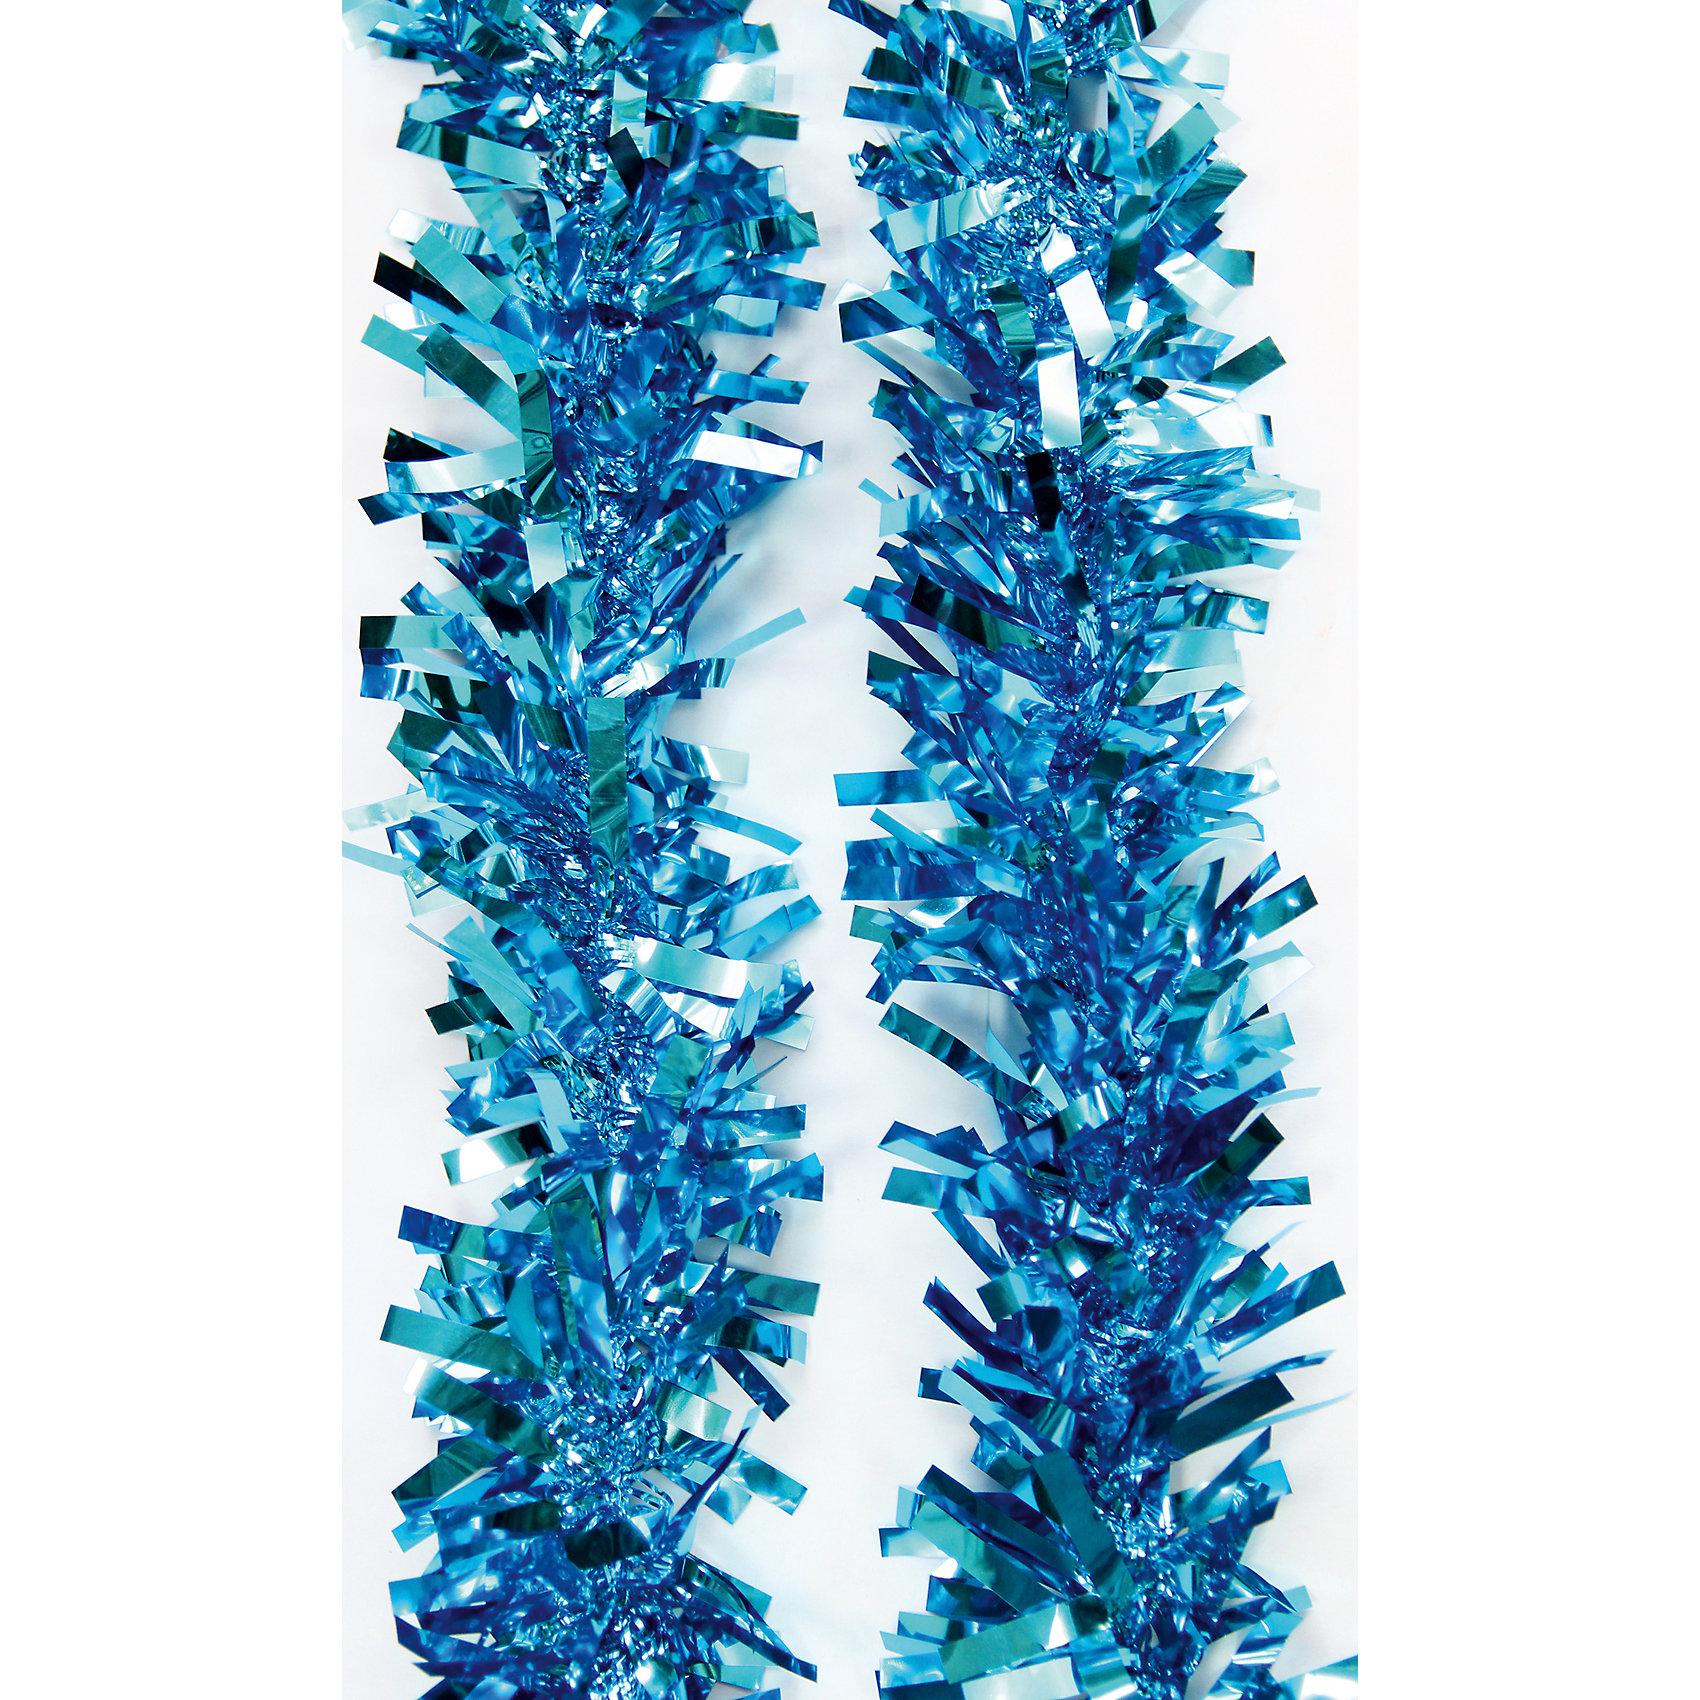 Мишура Синий 9*200 смВсё для праздника<br>Мишура в синем цвете отлично подойдет для украшения к новому году. Мишура создаст особую новогоднюю атмосферу, благодаря своему блеску. Она не будет сыпаться, поэтому останется яркой и блестящей и будет радовать вас ещё не один год. <br>Характеристика:<br>-Размер: 9 м 200 см<br>-Цвет: синий<br>-Арт.: 38186<br><br>Мишуру Синий можно приобрести в нашем интернет-магазине.<br><br>Ширина мм: 100<br>Глубина мм: 100<br>Высота мм: 60<br>Вес г: 42<br>Возраст от месяцев: 36<br>Возраст до месяцев: 2147483647<br>Пол: Унисекс<br>Возраст: Детский<br>SKU: 4981447